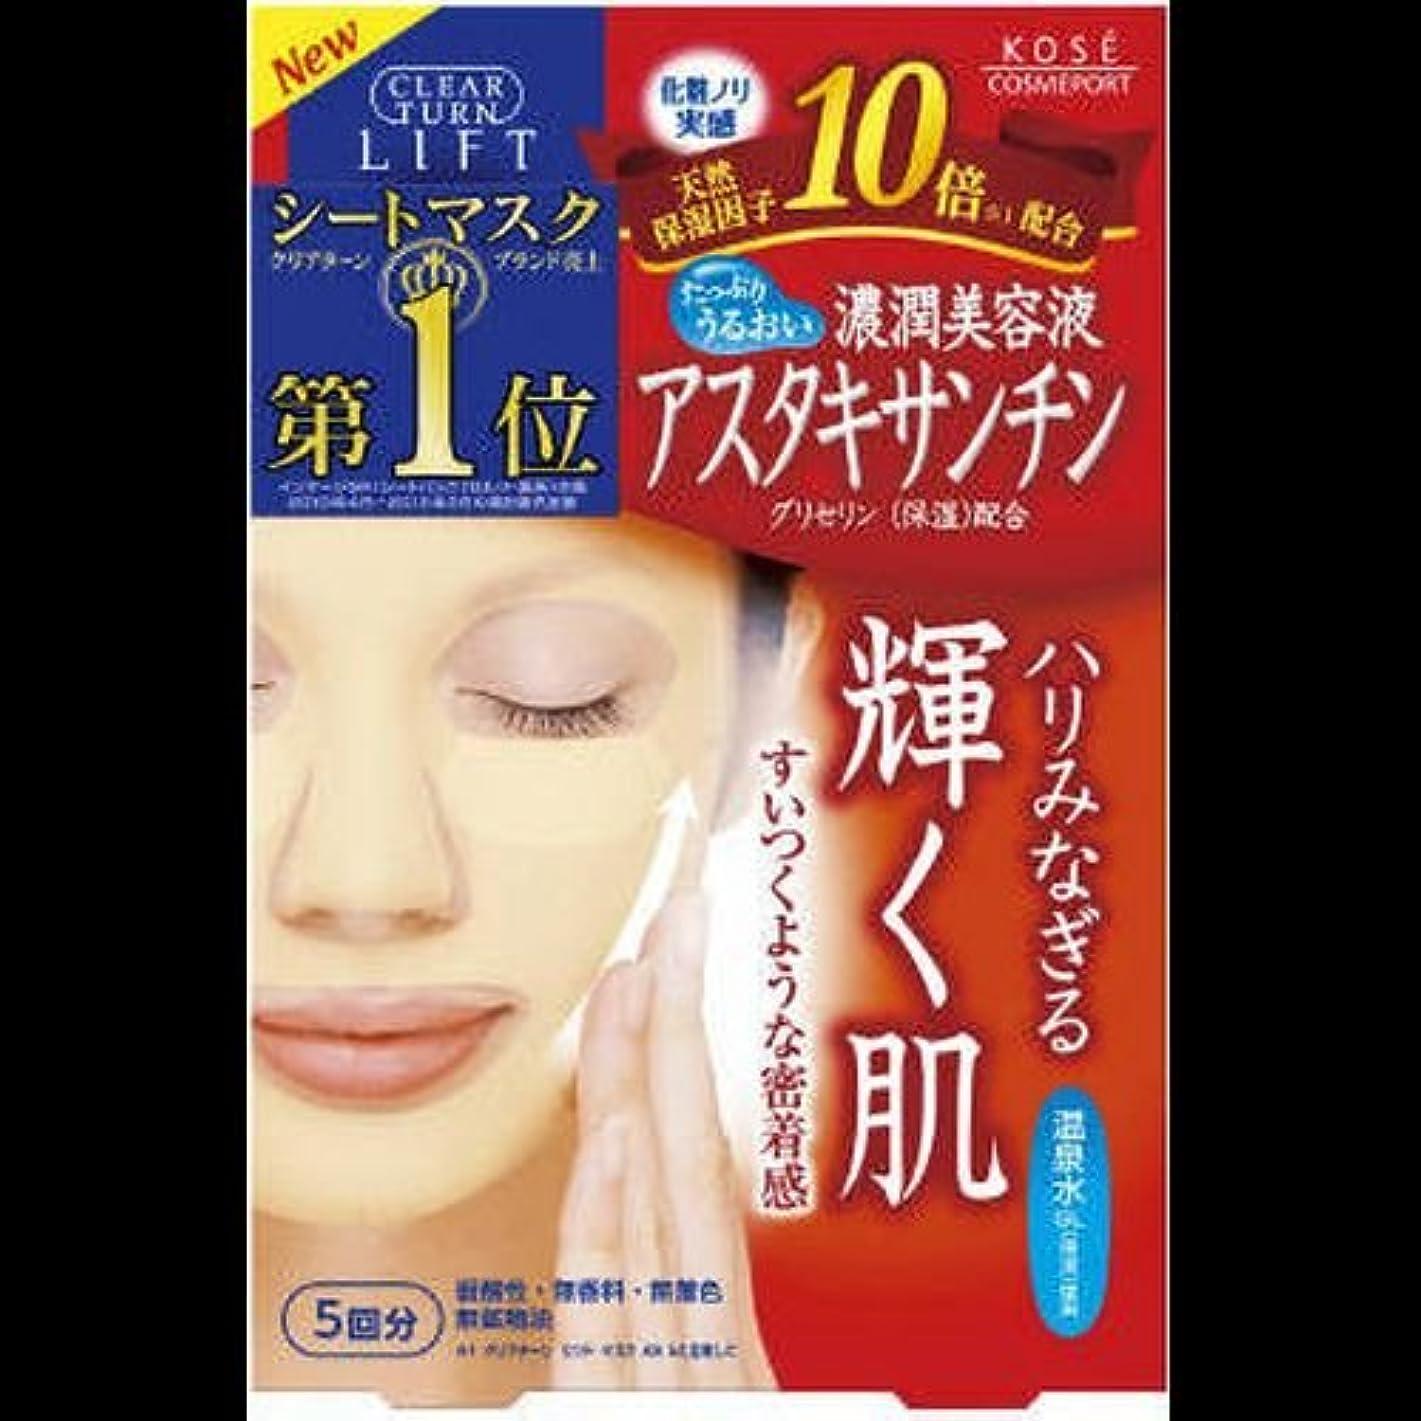 誘惑一掃するアジア人クリアターン リフト マスク AS c (アスタキサンチン) 5回分 ×2セット